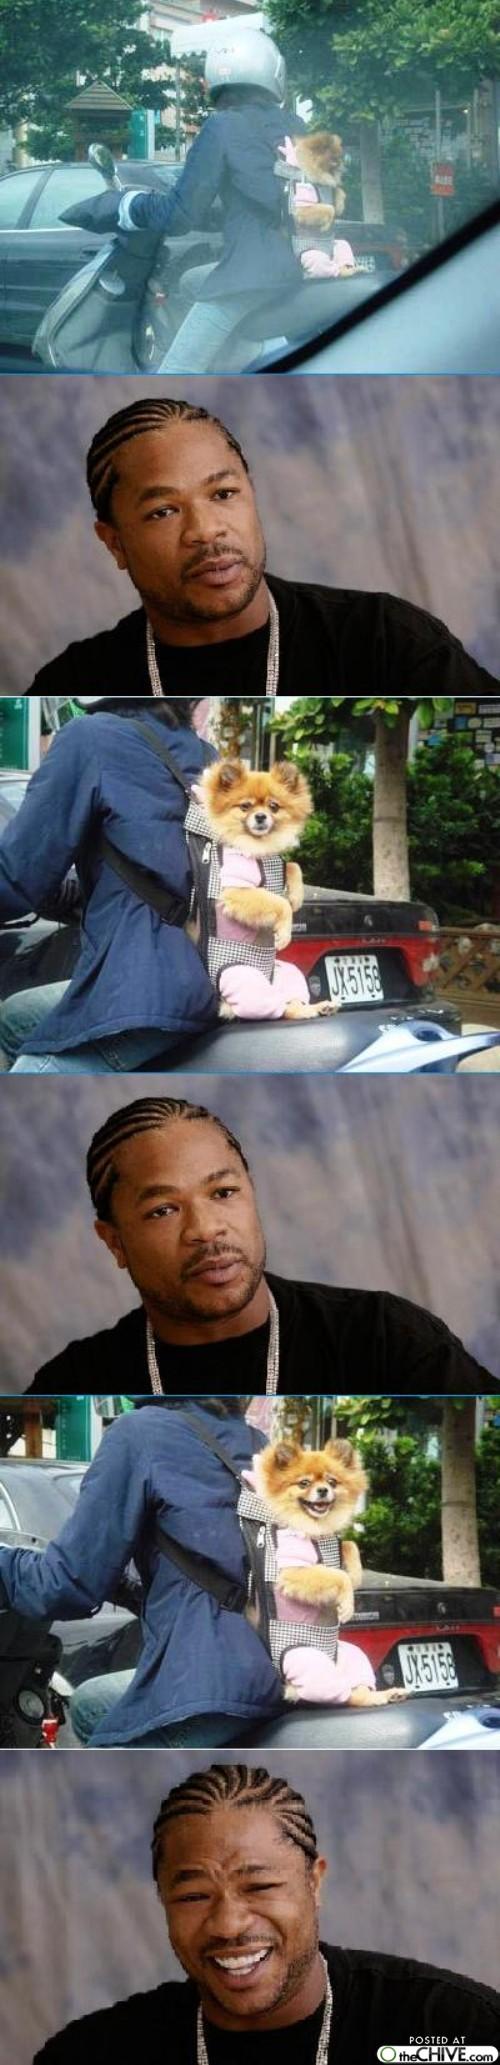 yo dawg xhibit 17 The Best of Xzibits Yo Dawg Yo meme (14 photos)